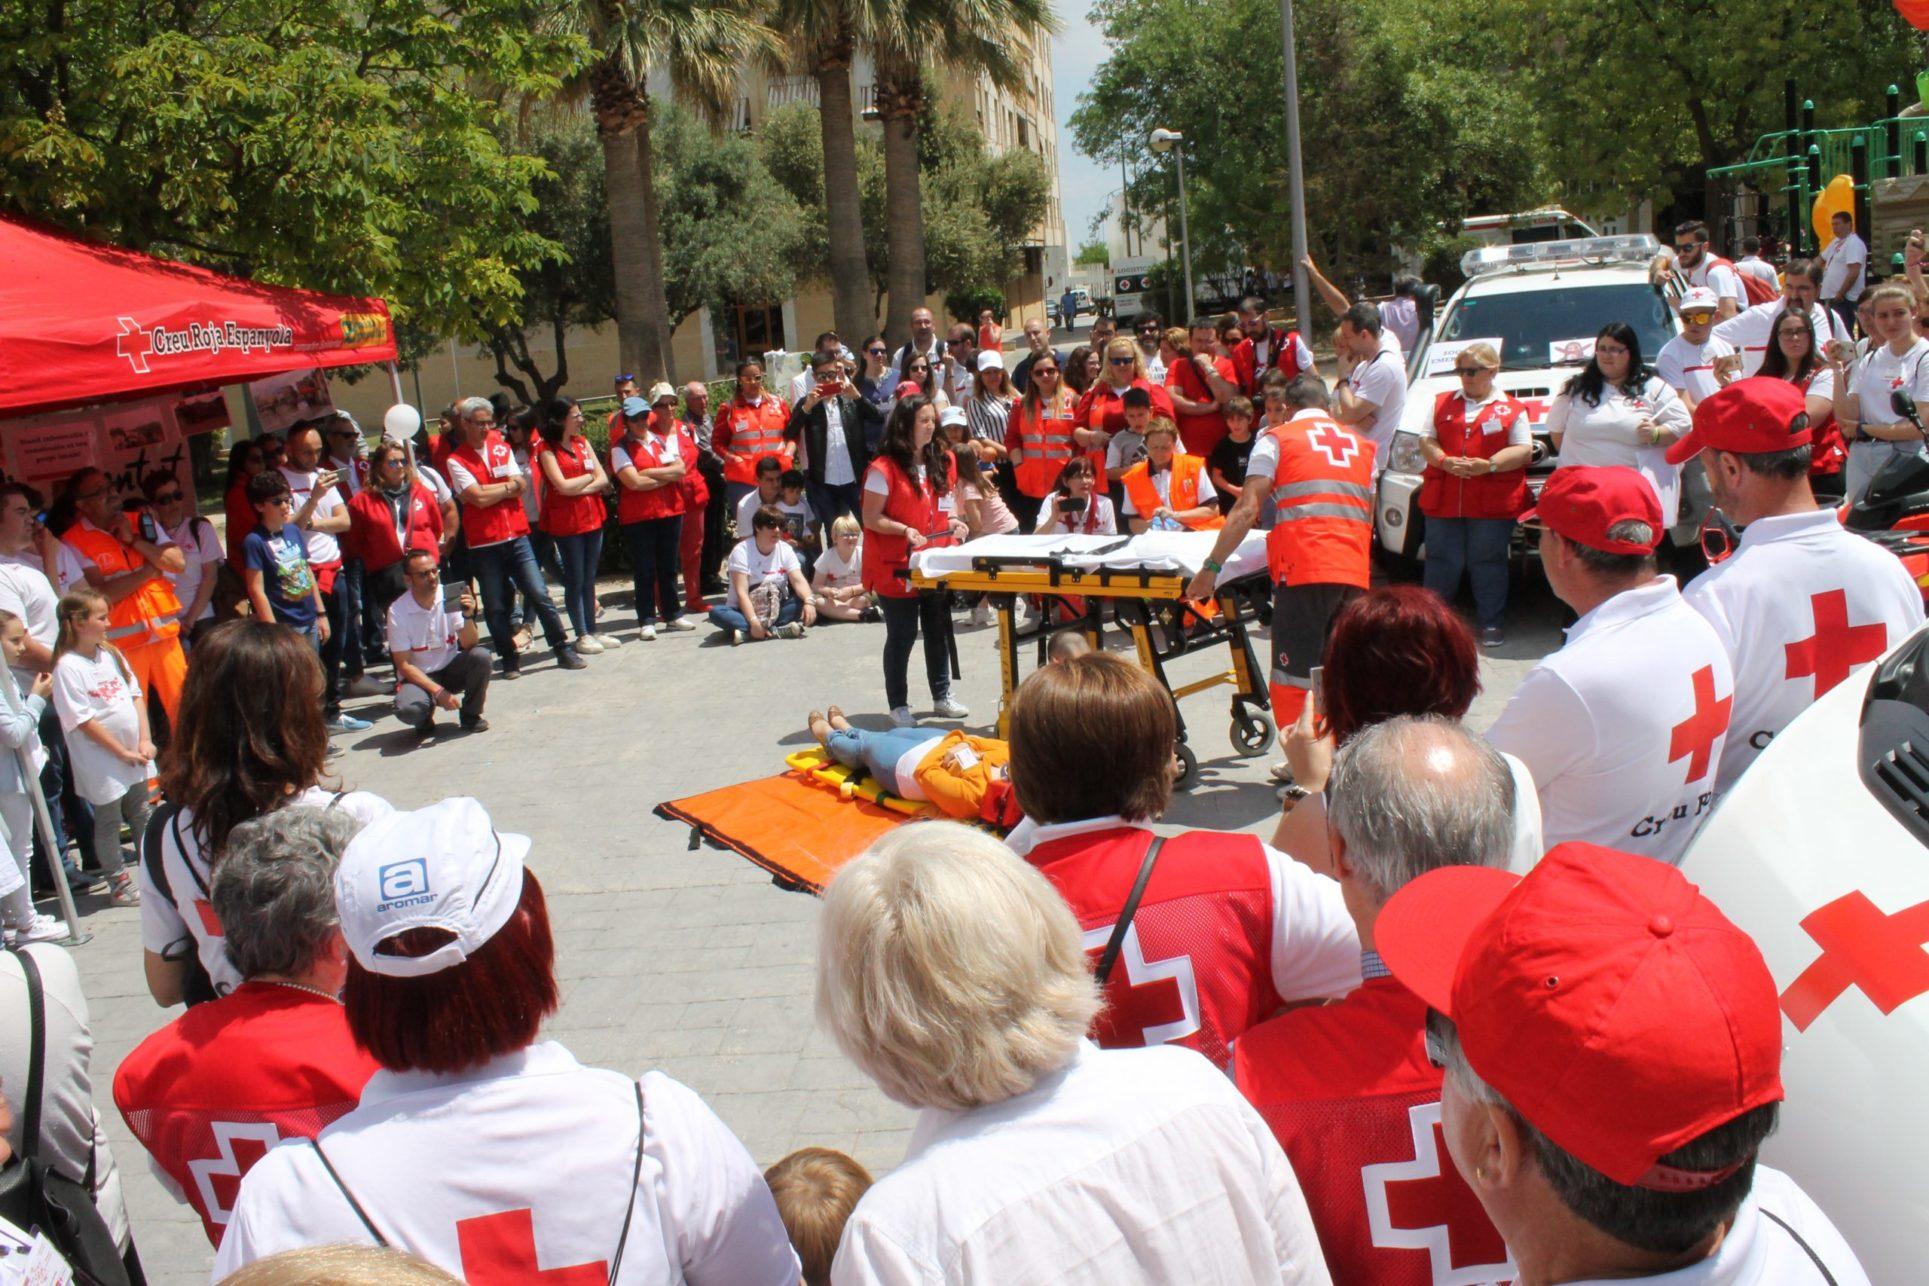 Ontinyent acull més de 500 voluntaries i voluntaris de Creu Roja El Periòdic d'Ontinyent